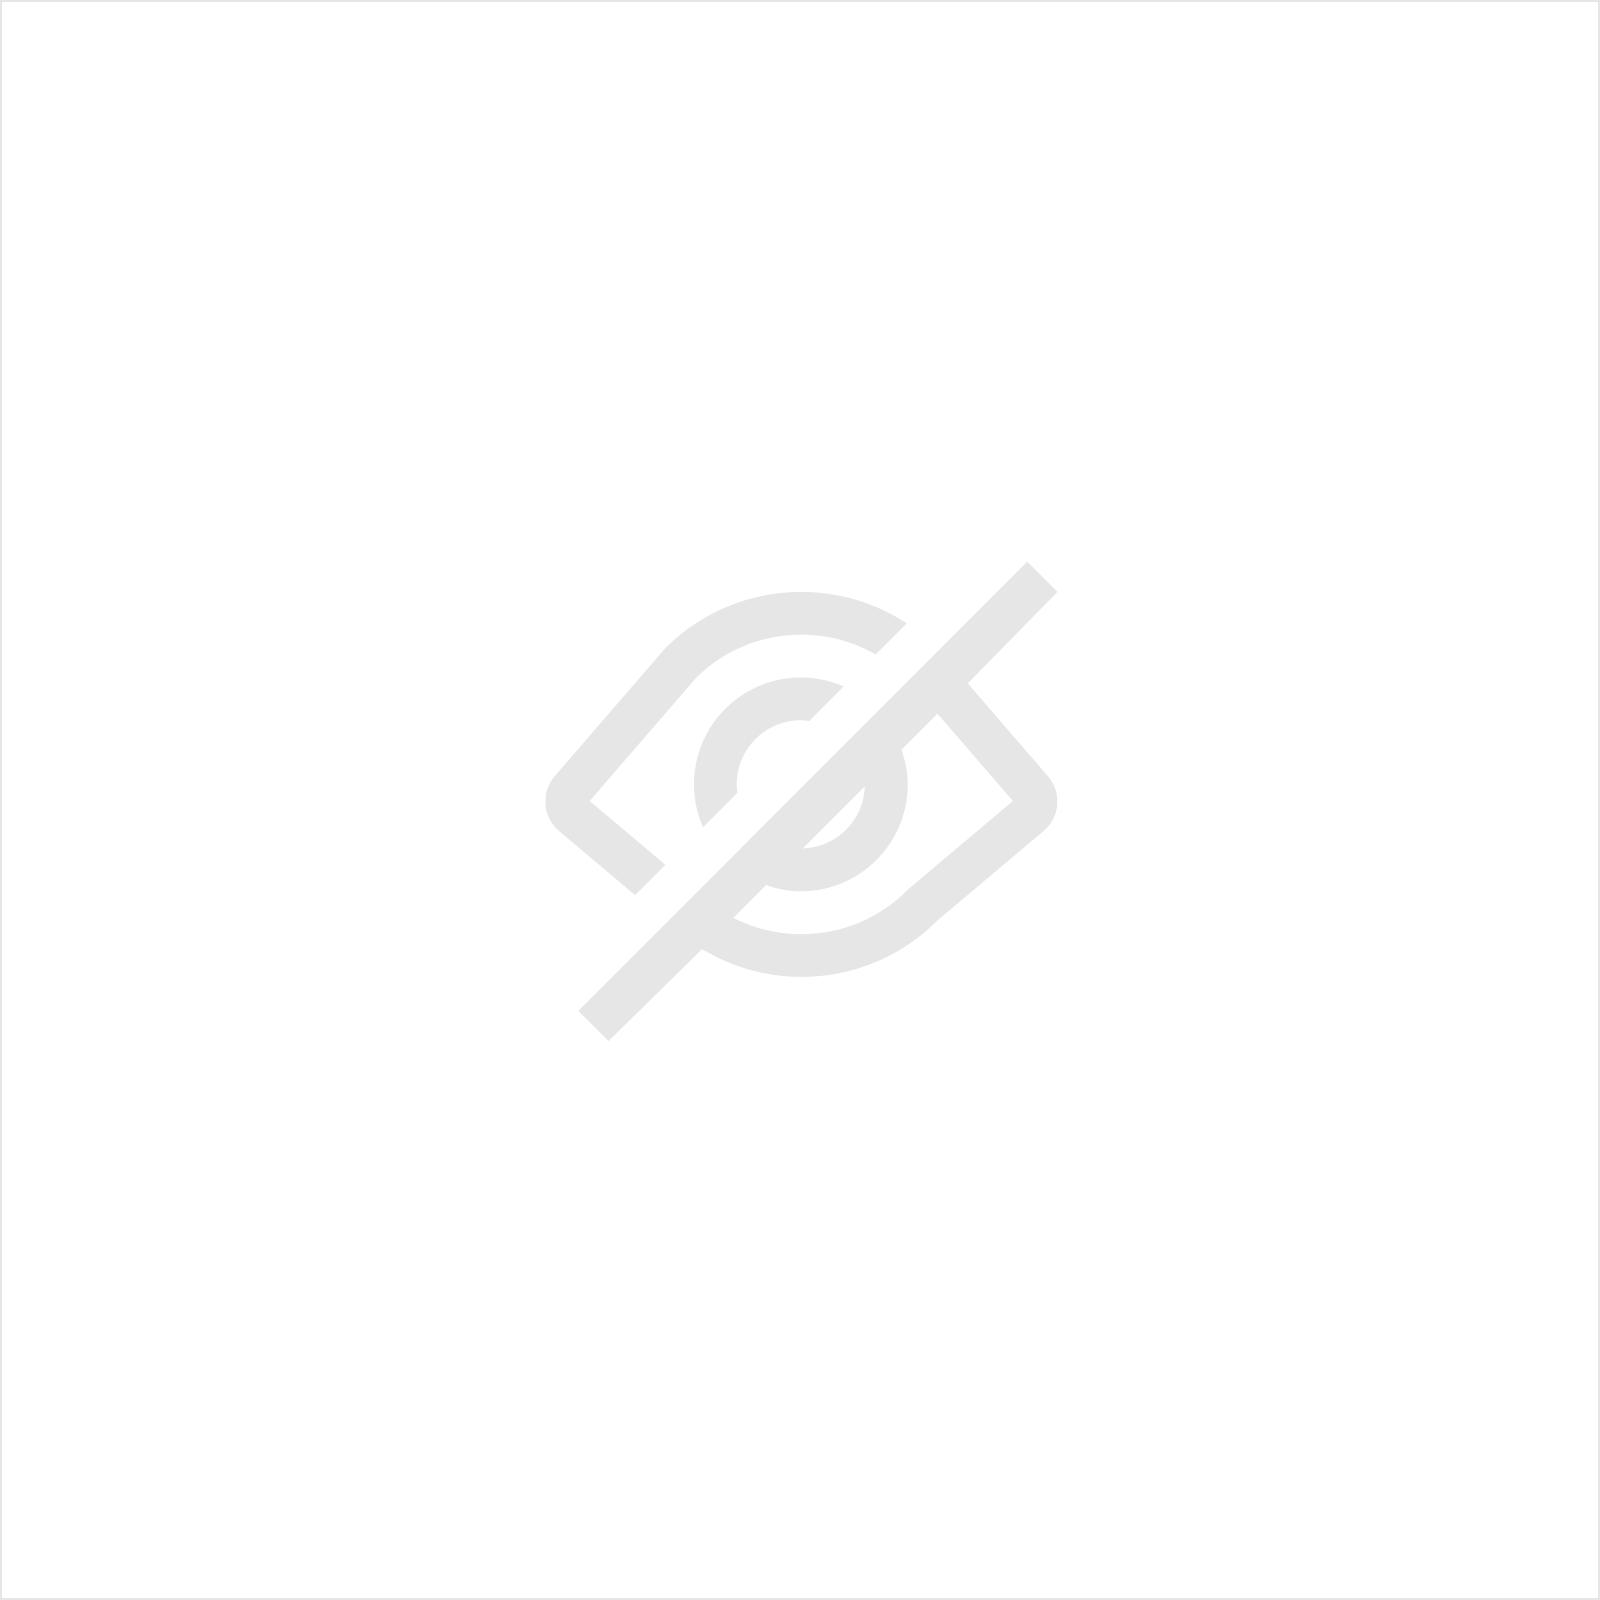 JEU DE MOLETTES OPTIONNELLES - TUBE BEAD ROLL - POUR BORDEUSE MOULUREUSE